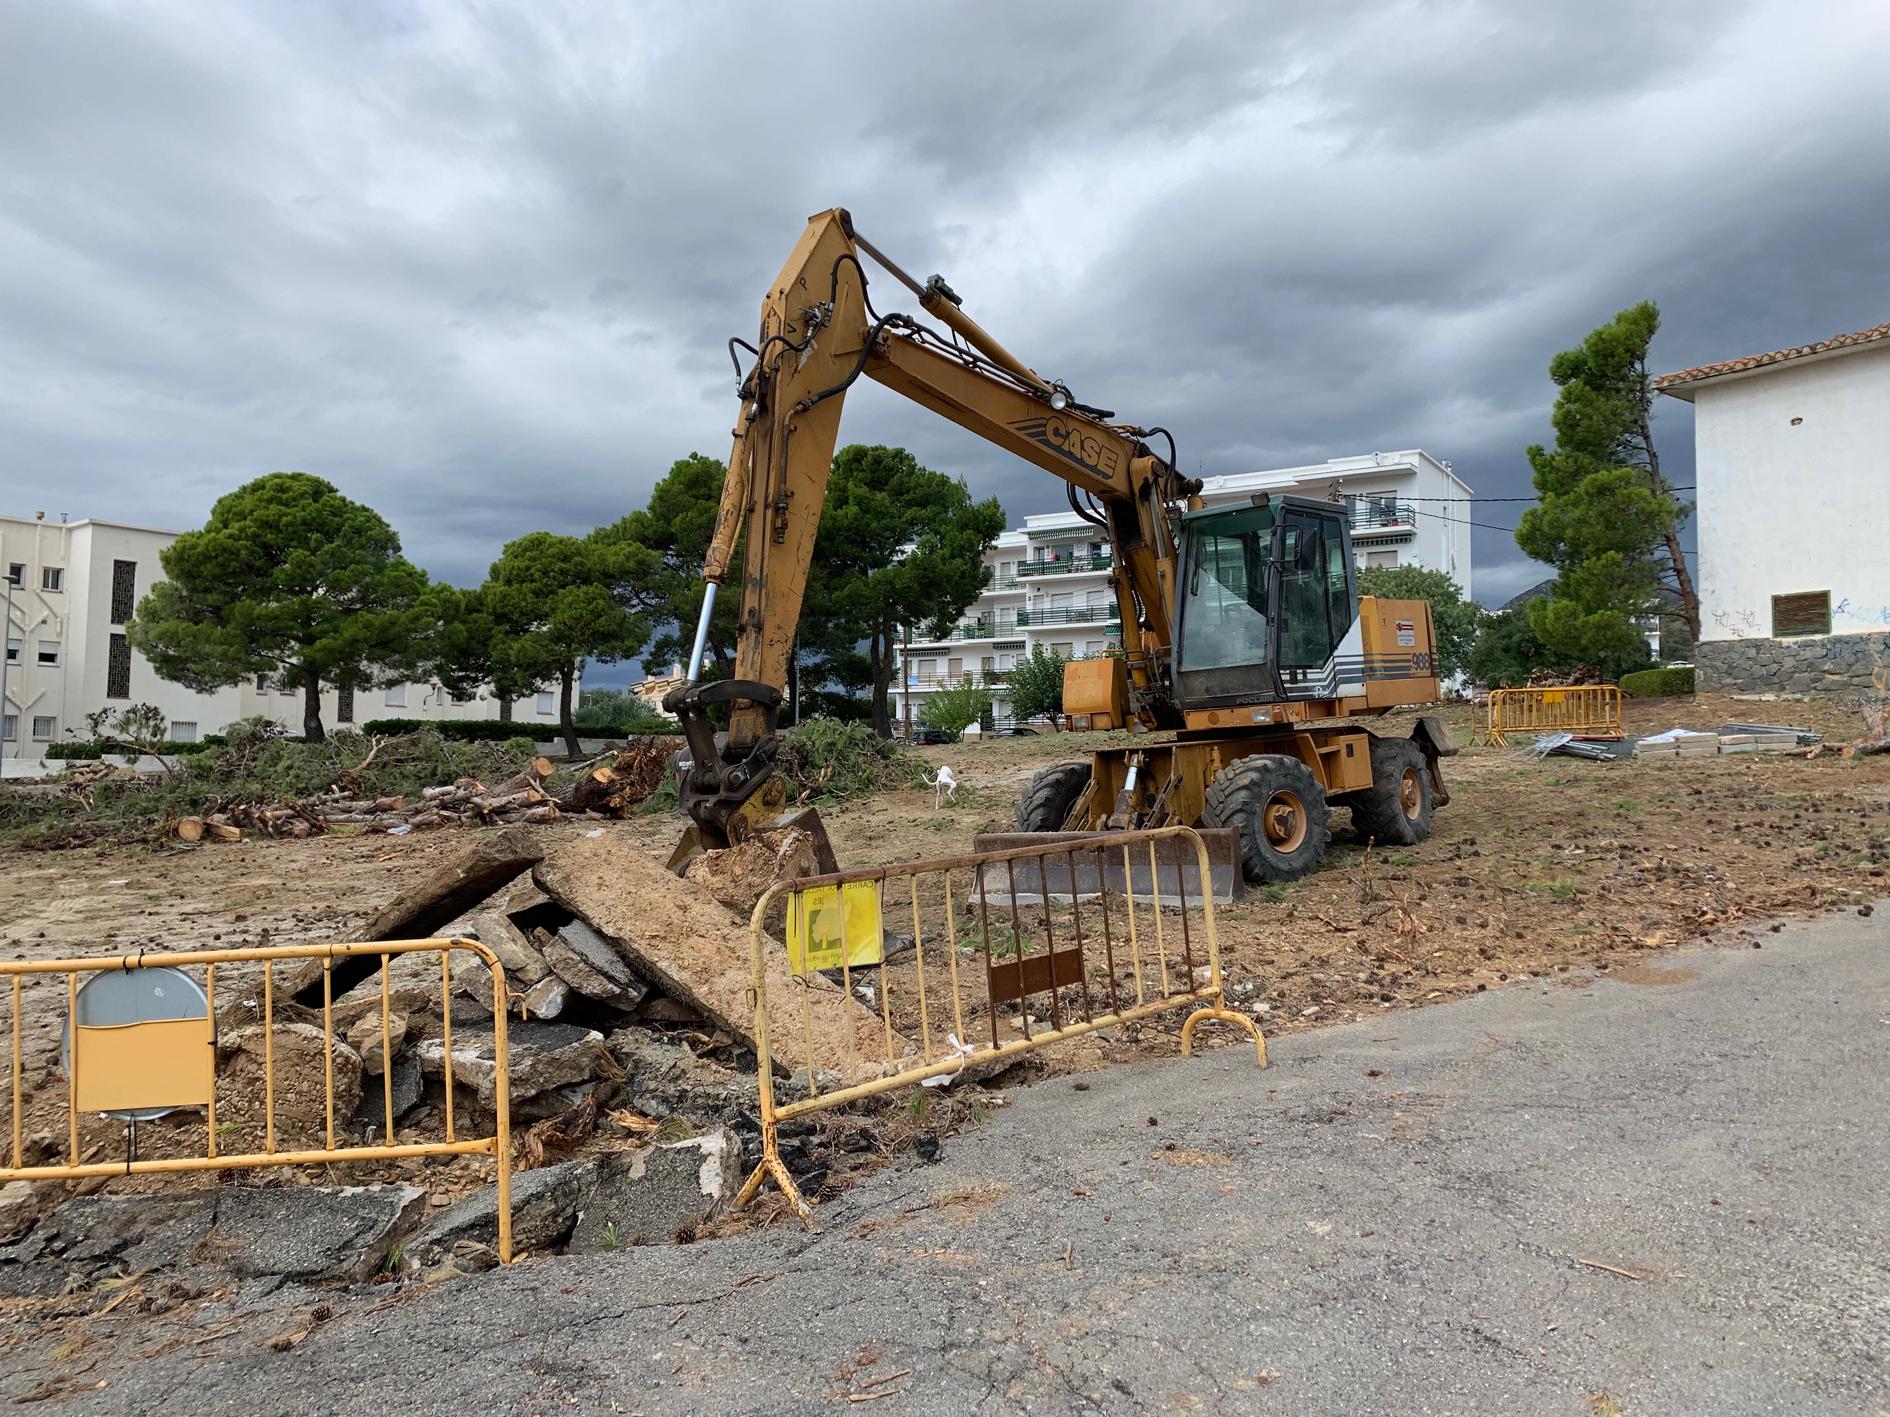 S'inicien les obres de la plaça del Mas Oliva amb zona verda, jocs i àrea d'aparcament